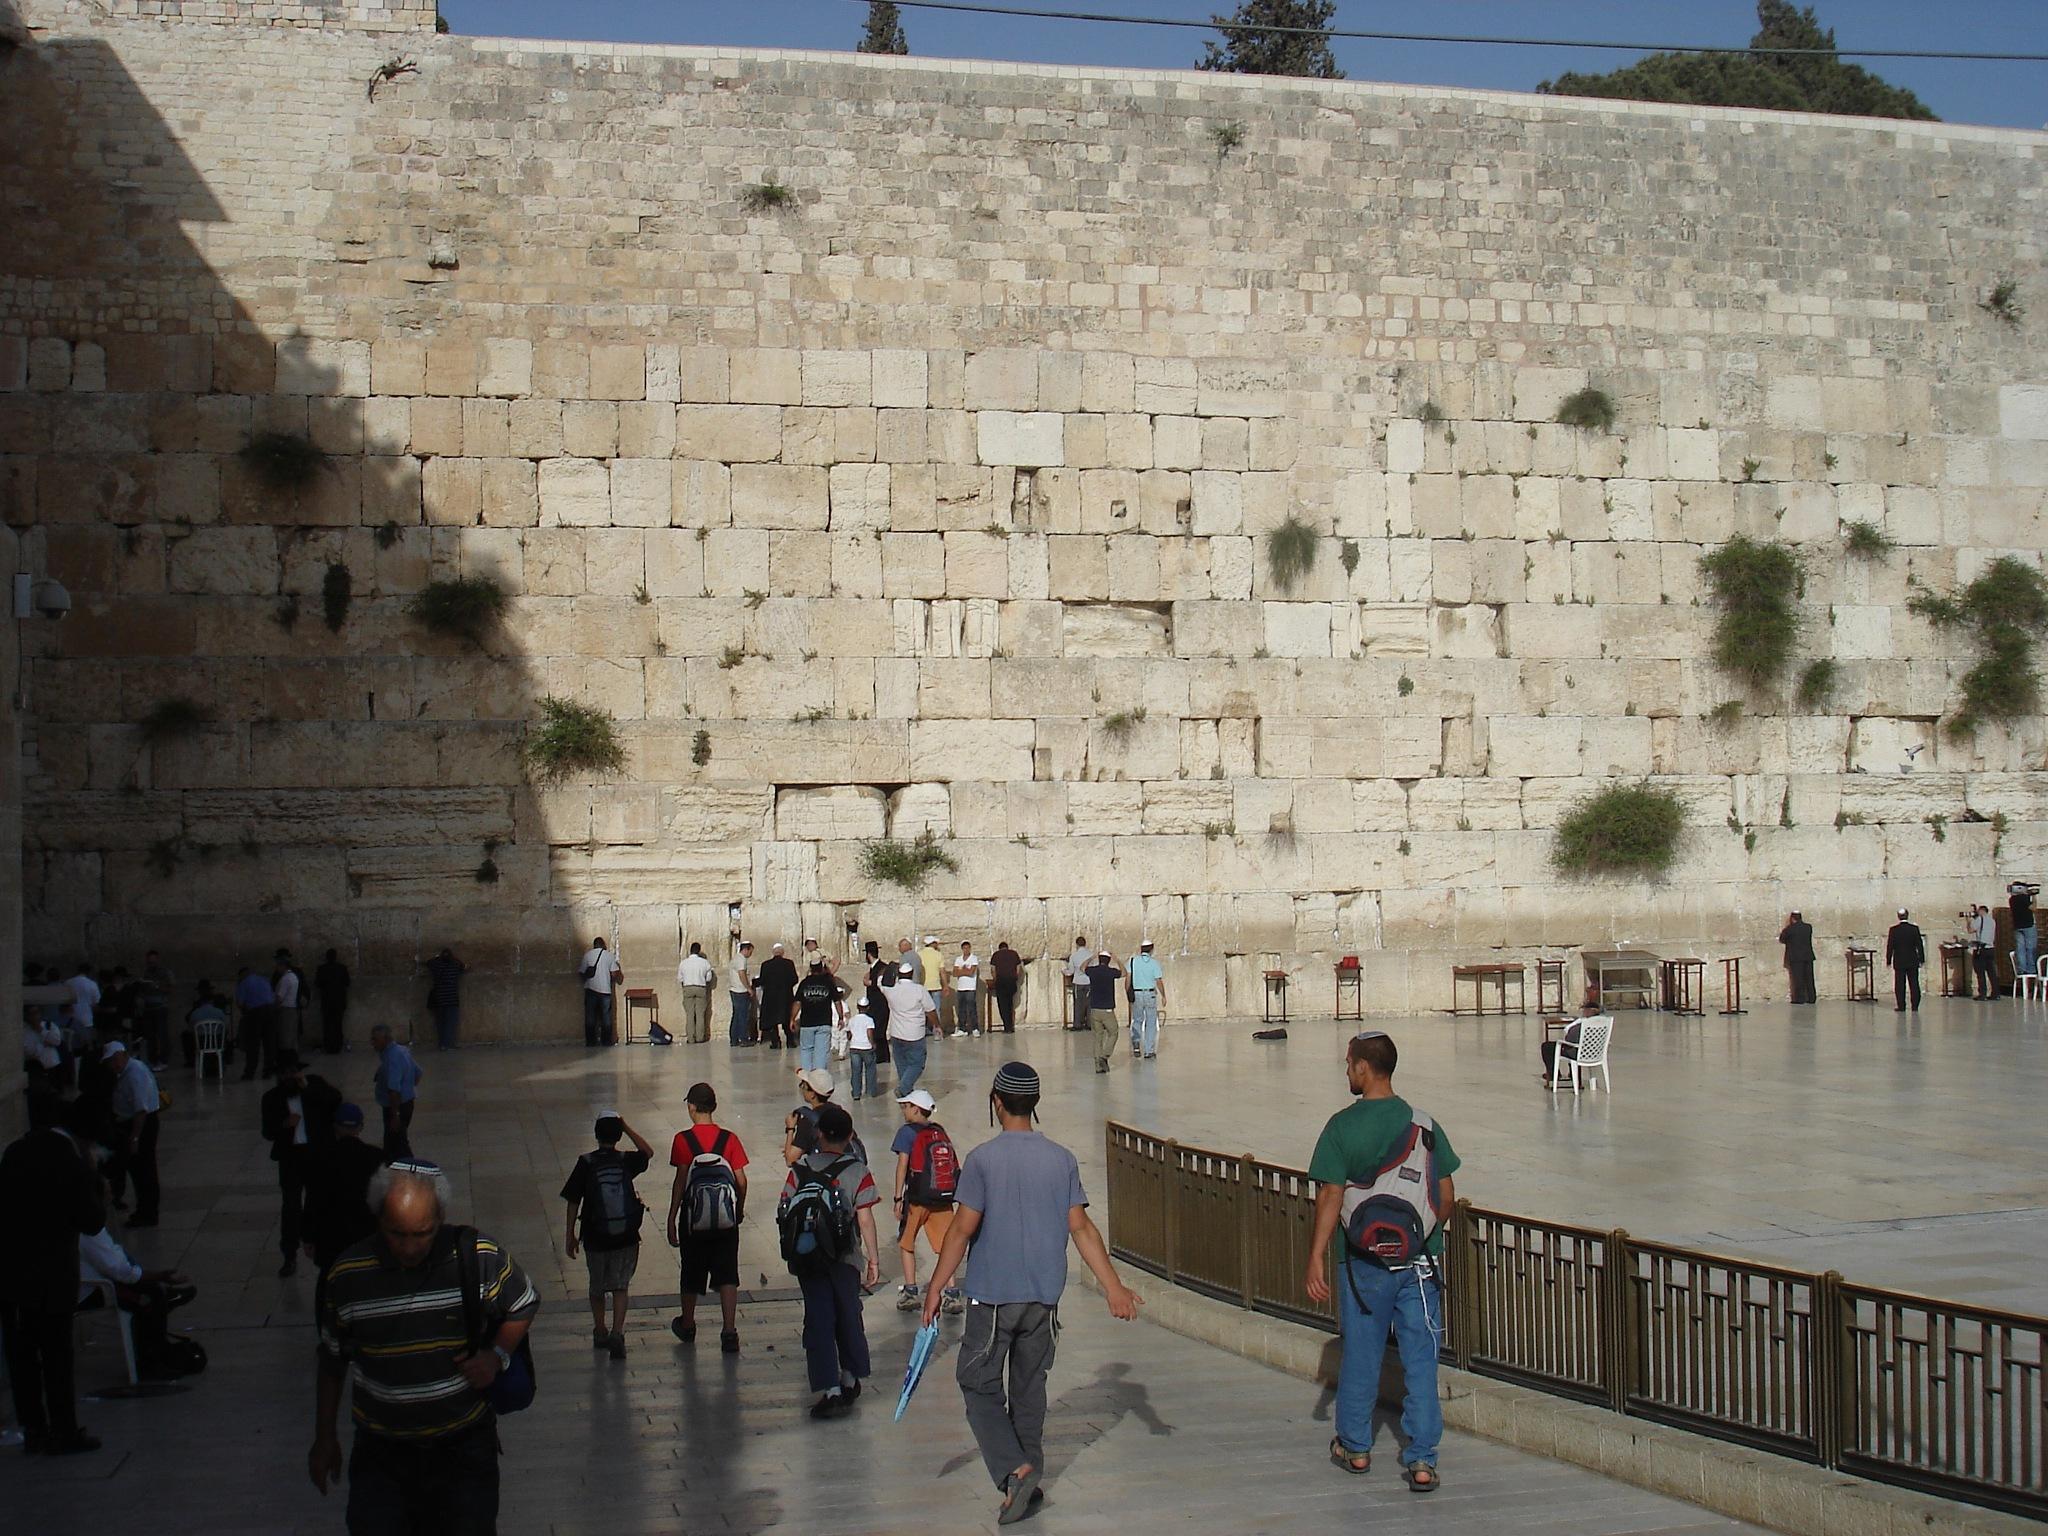 Western Wall - Jerusalem by matthewriter